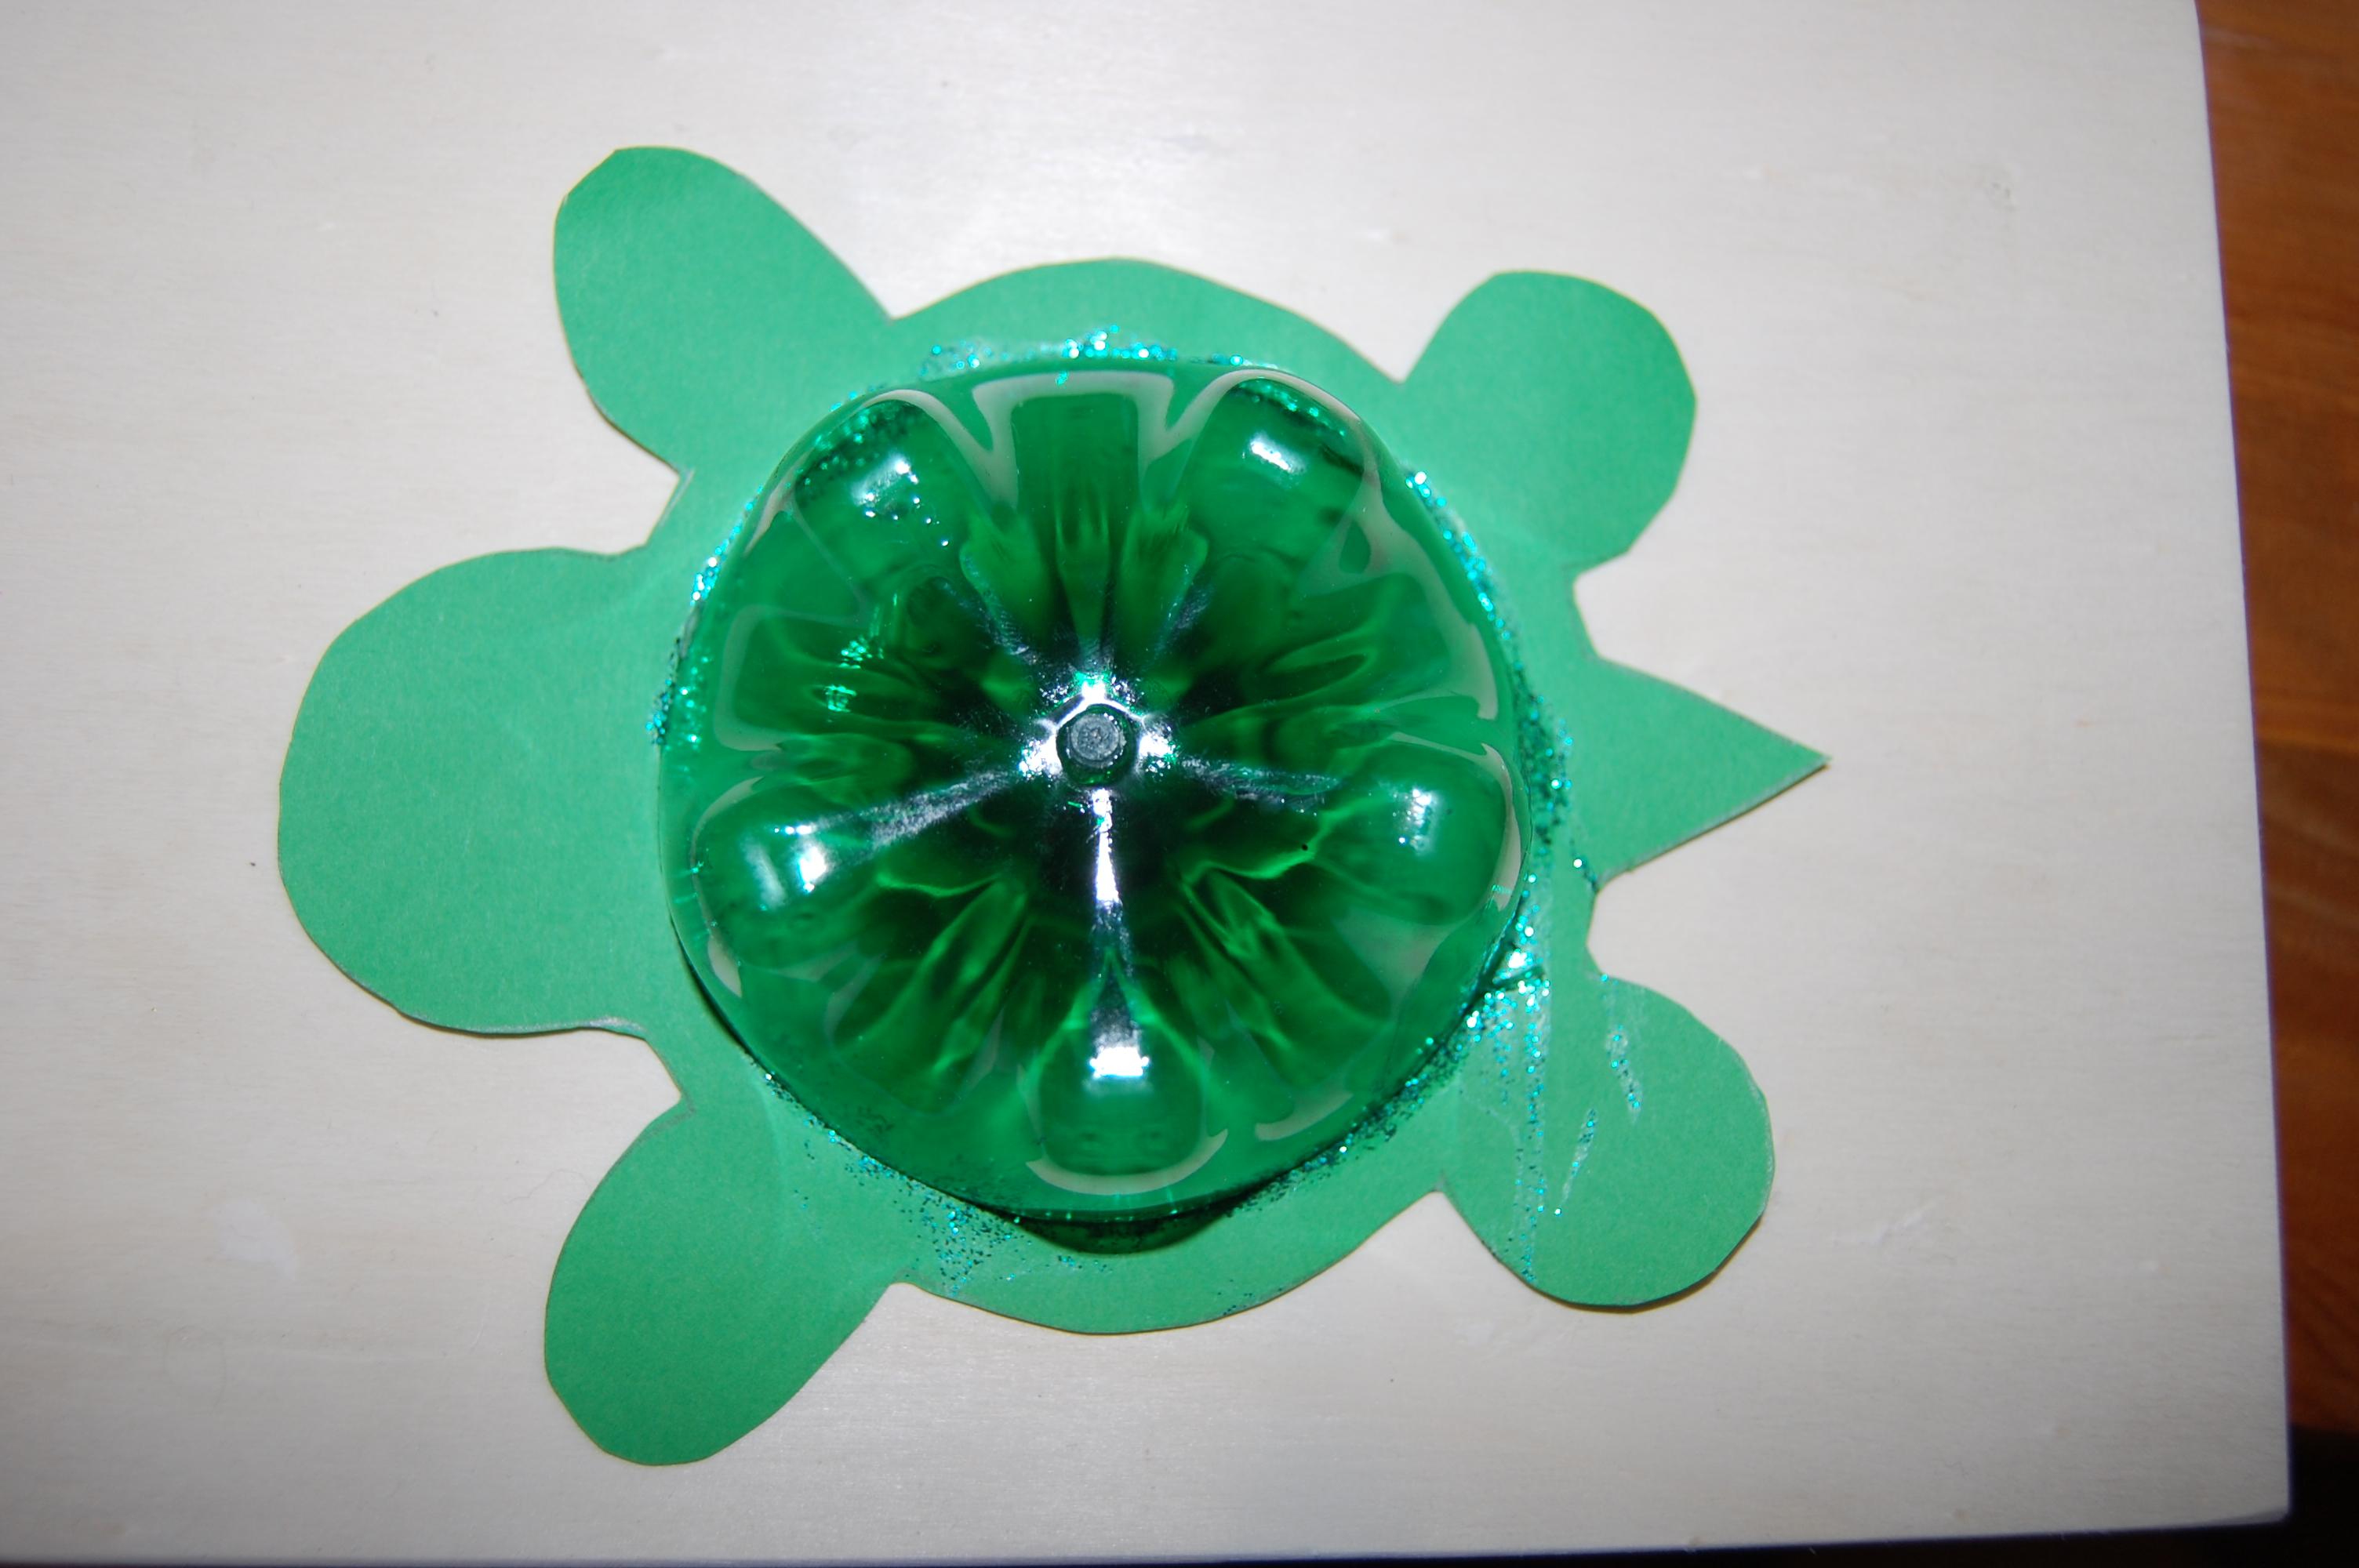 Fabriquer une jolie tortue 29 novembre - Activite manuelle recyclage ...